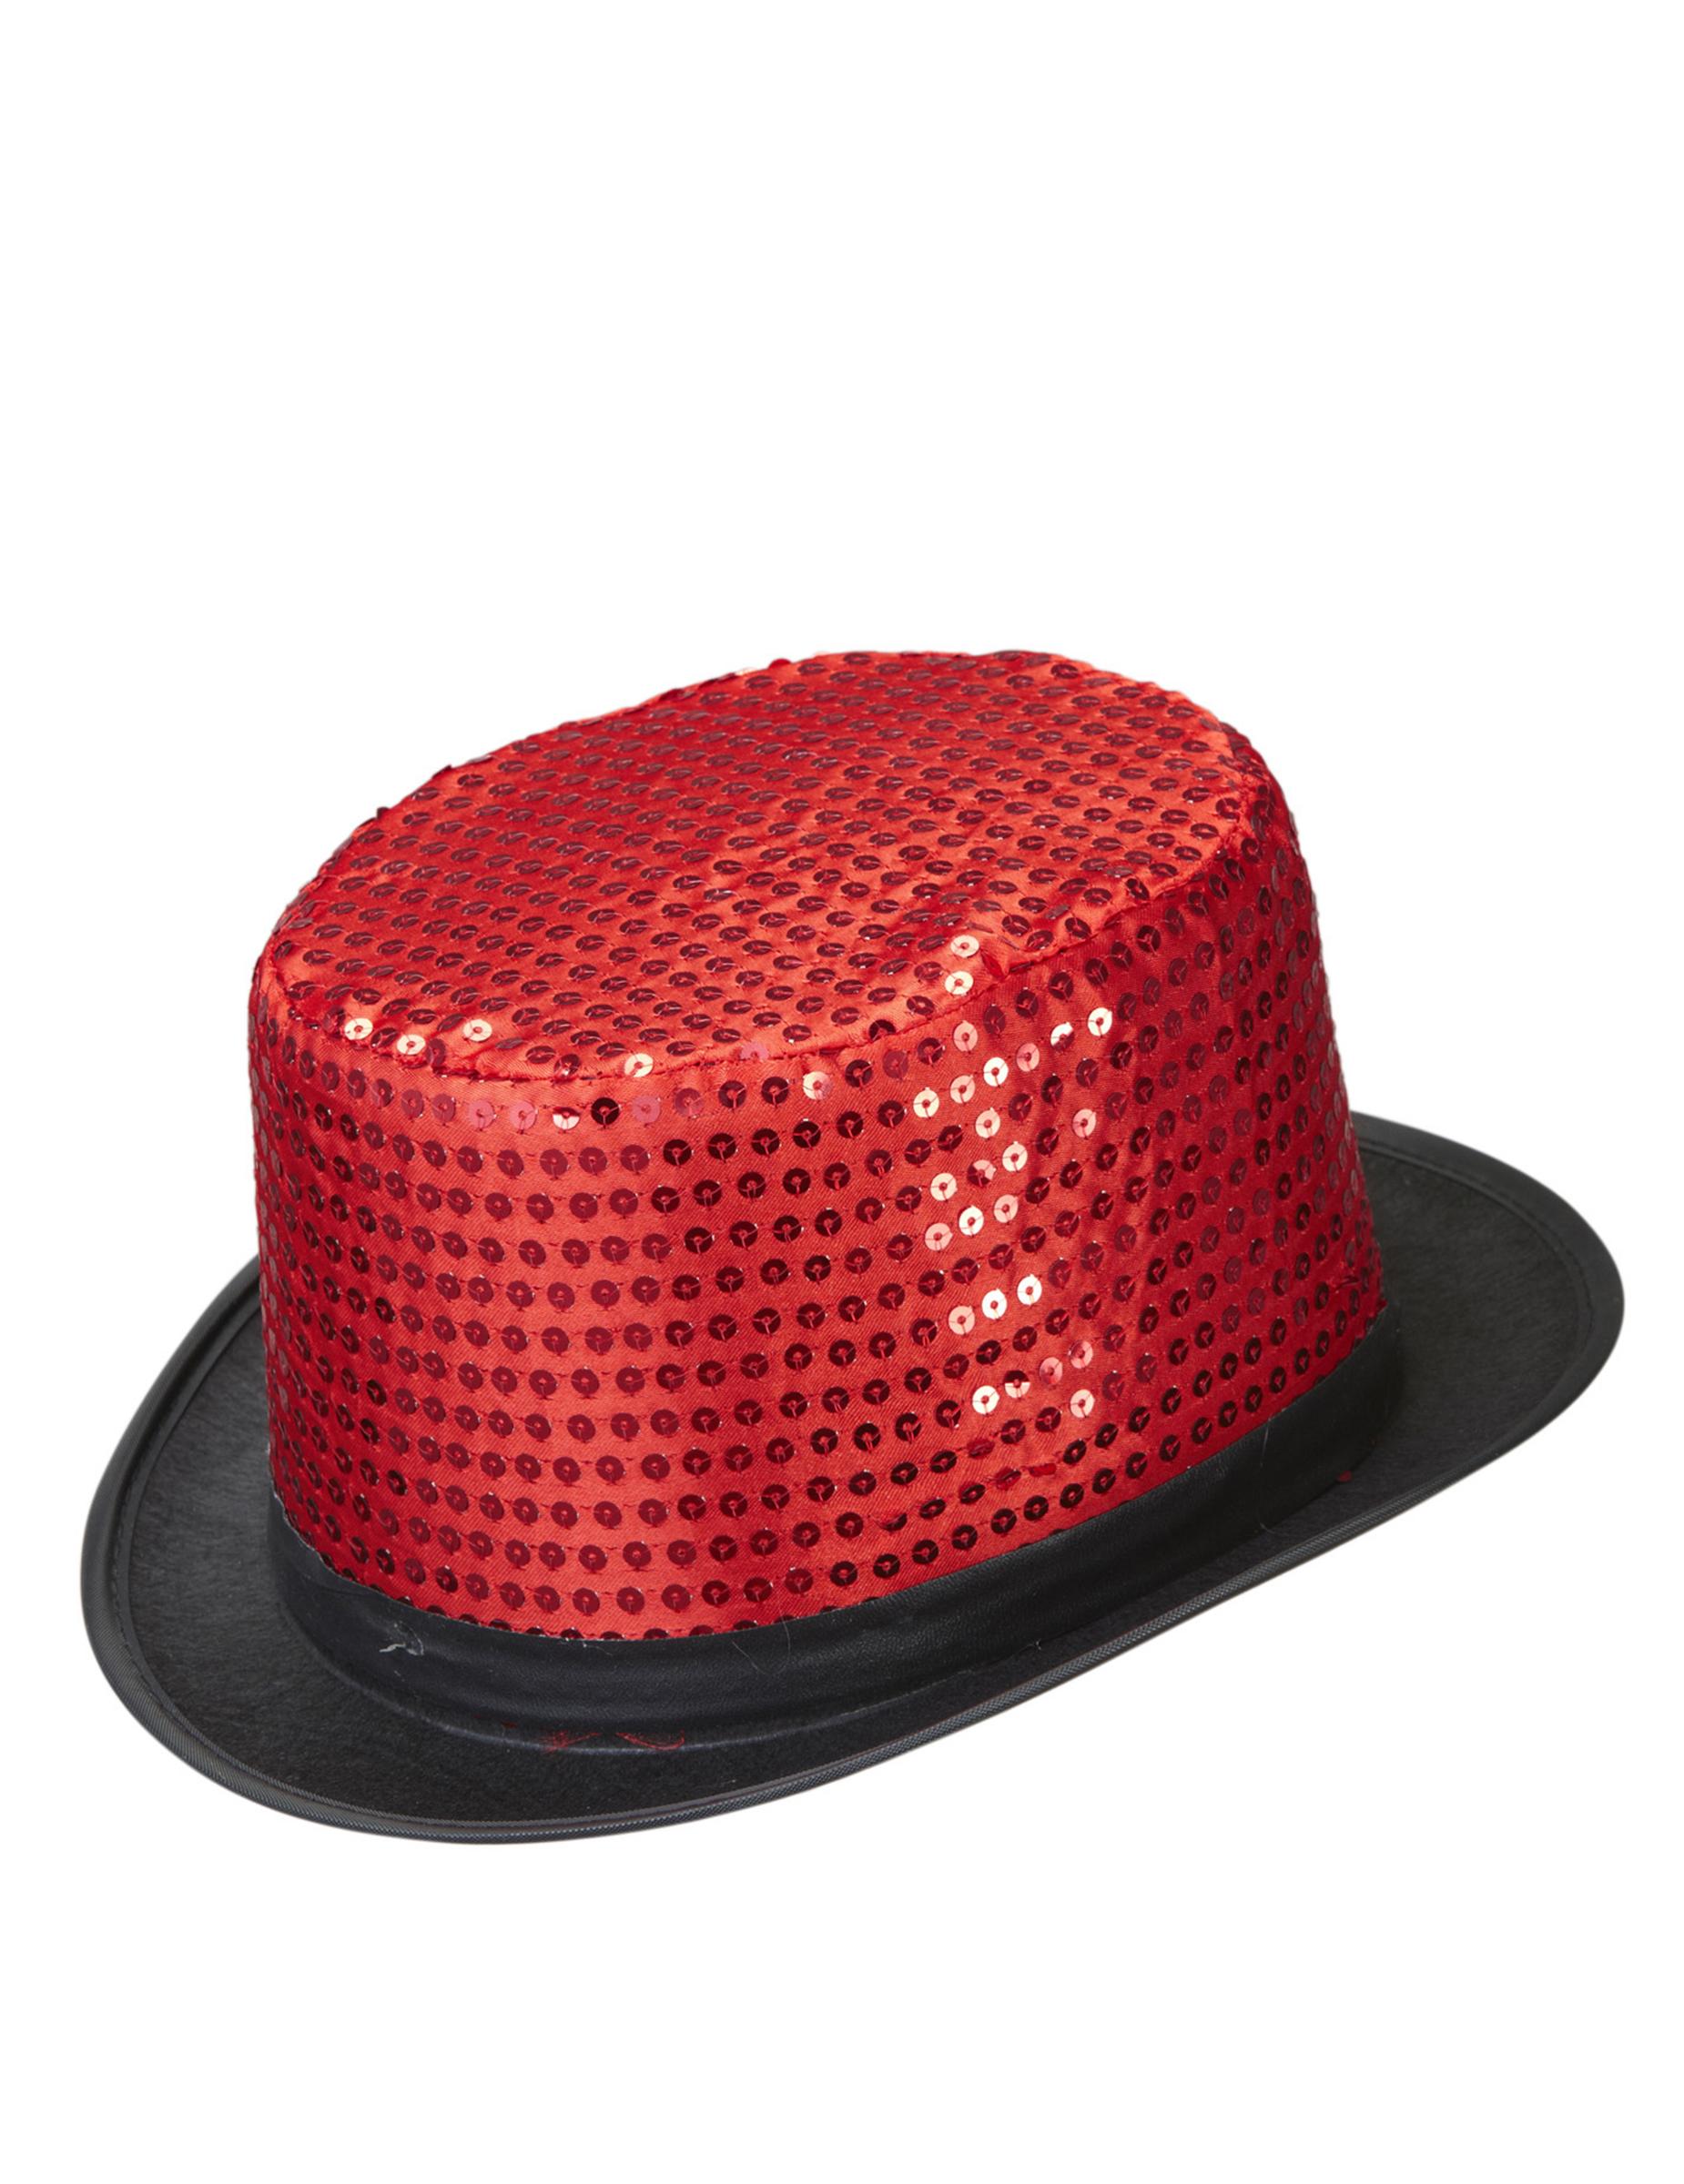 Sombrero alto rojo con lentejuelas adulto  Sombreros 17205aee506